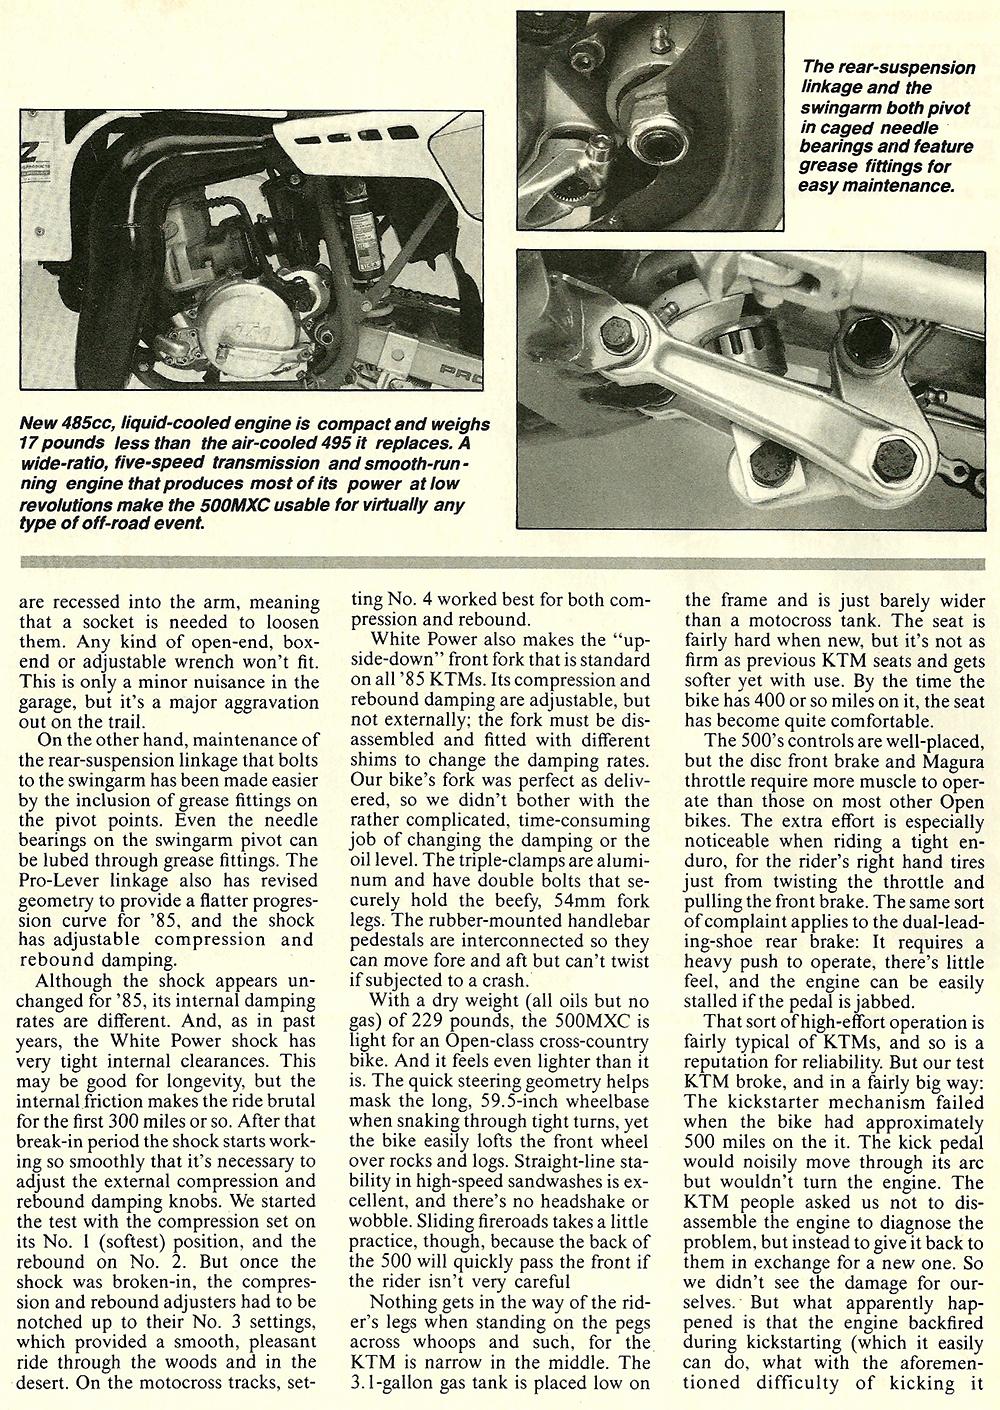 1985 KTM 500 MXC road test 05.jpg